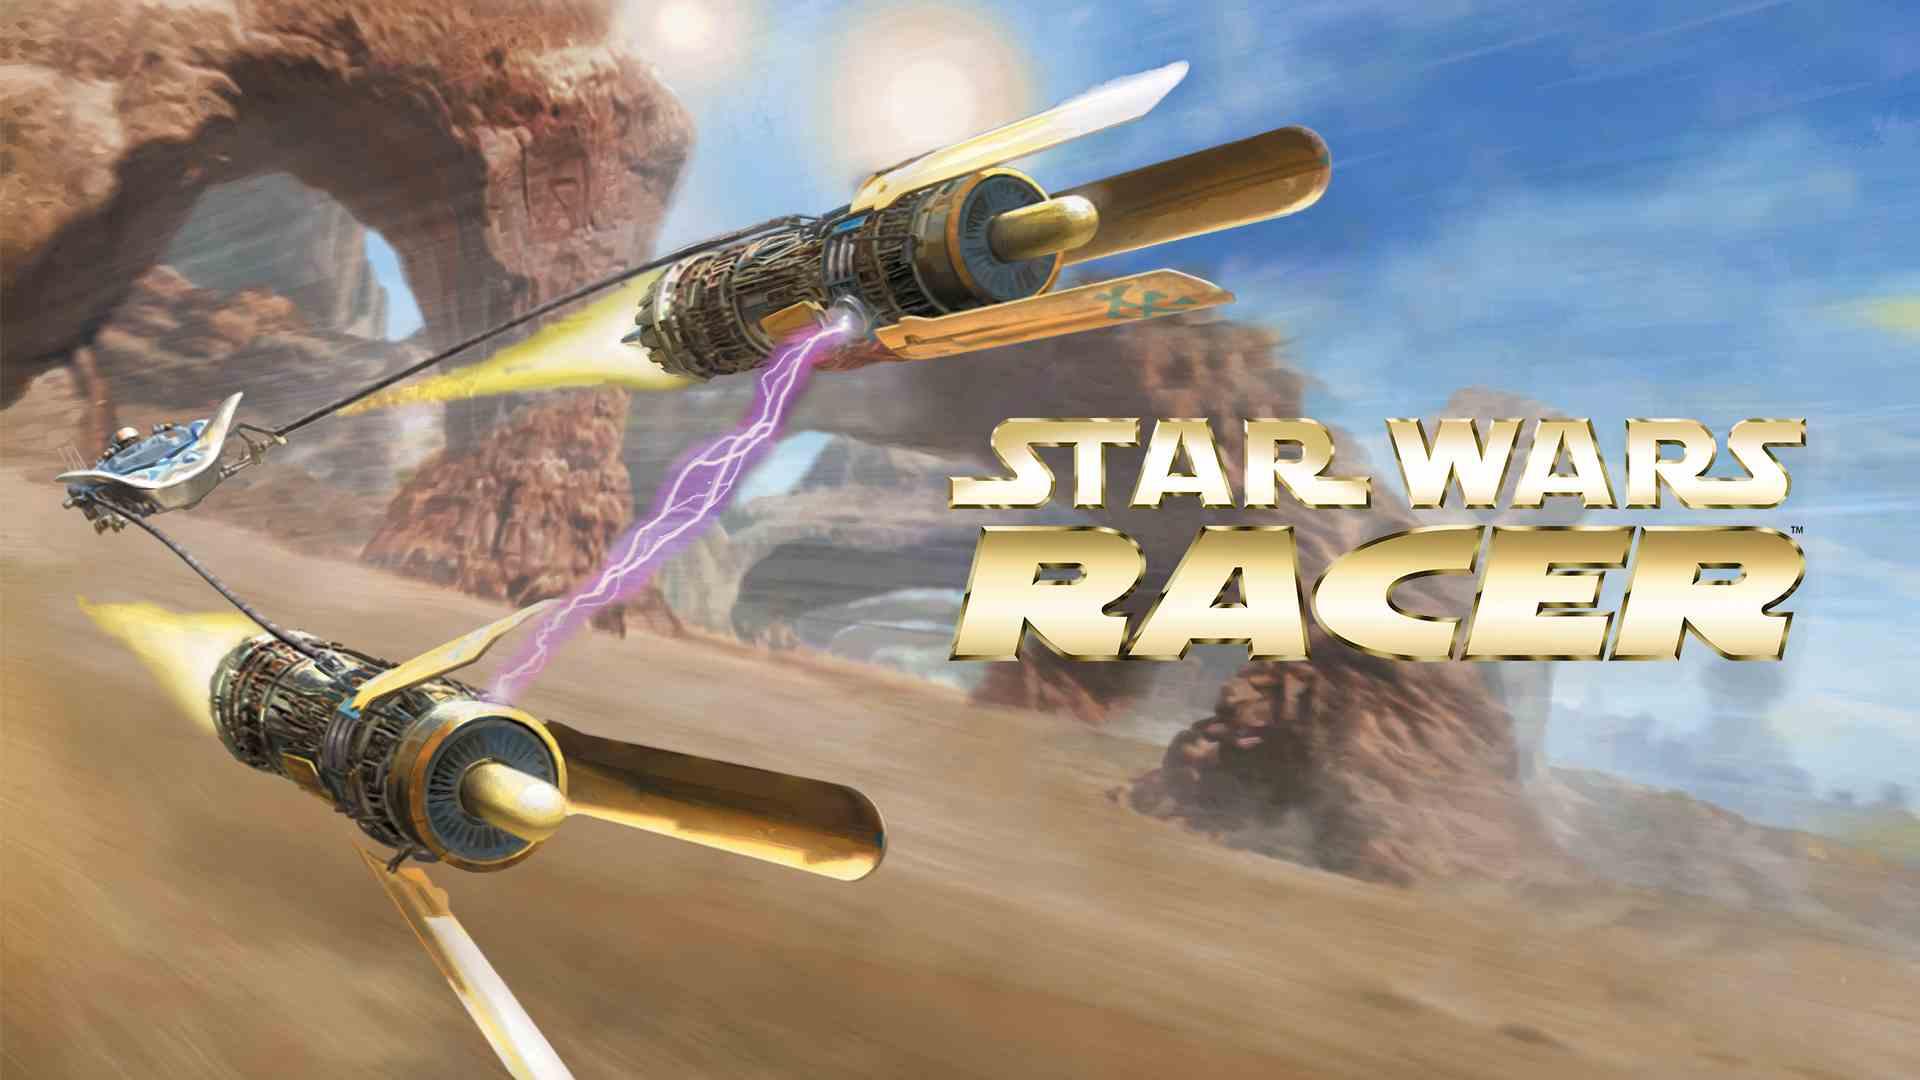 Star Wars: Episode I – Racer